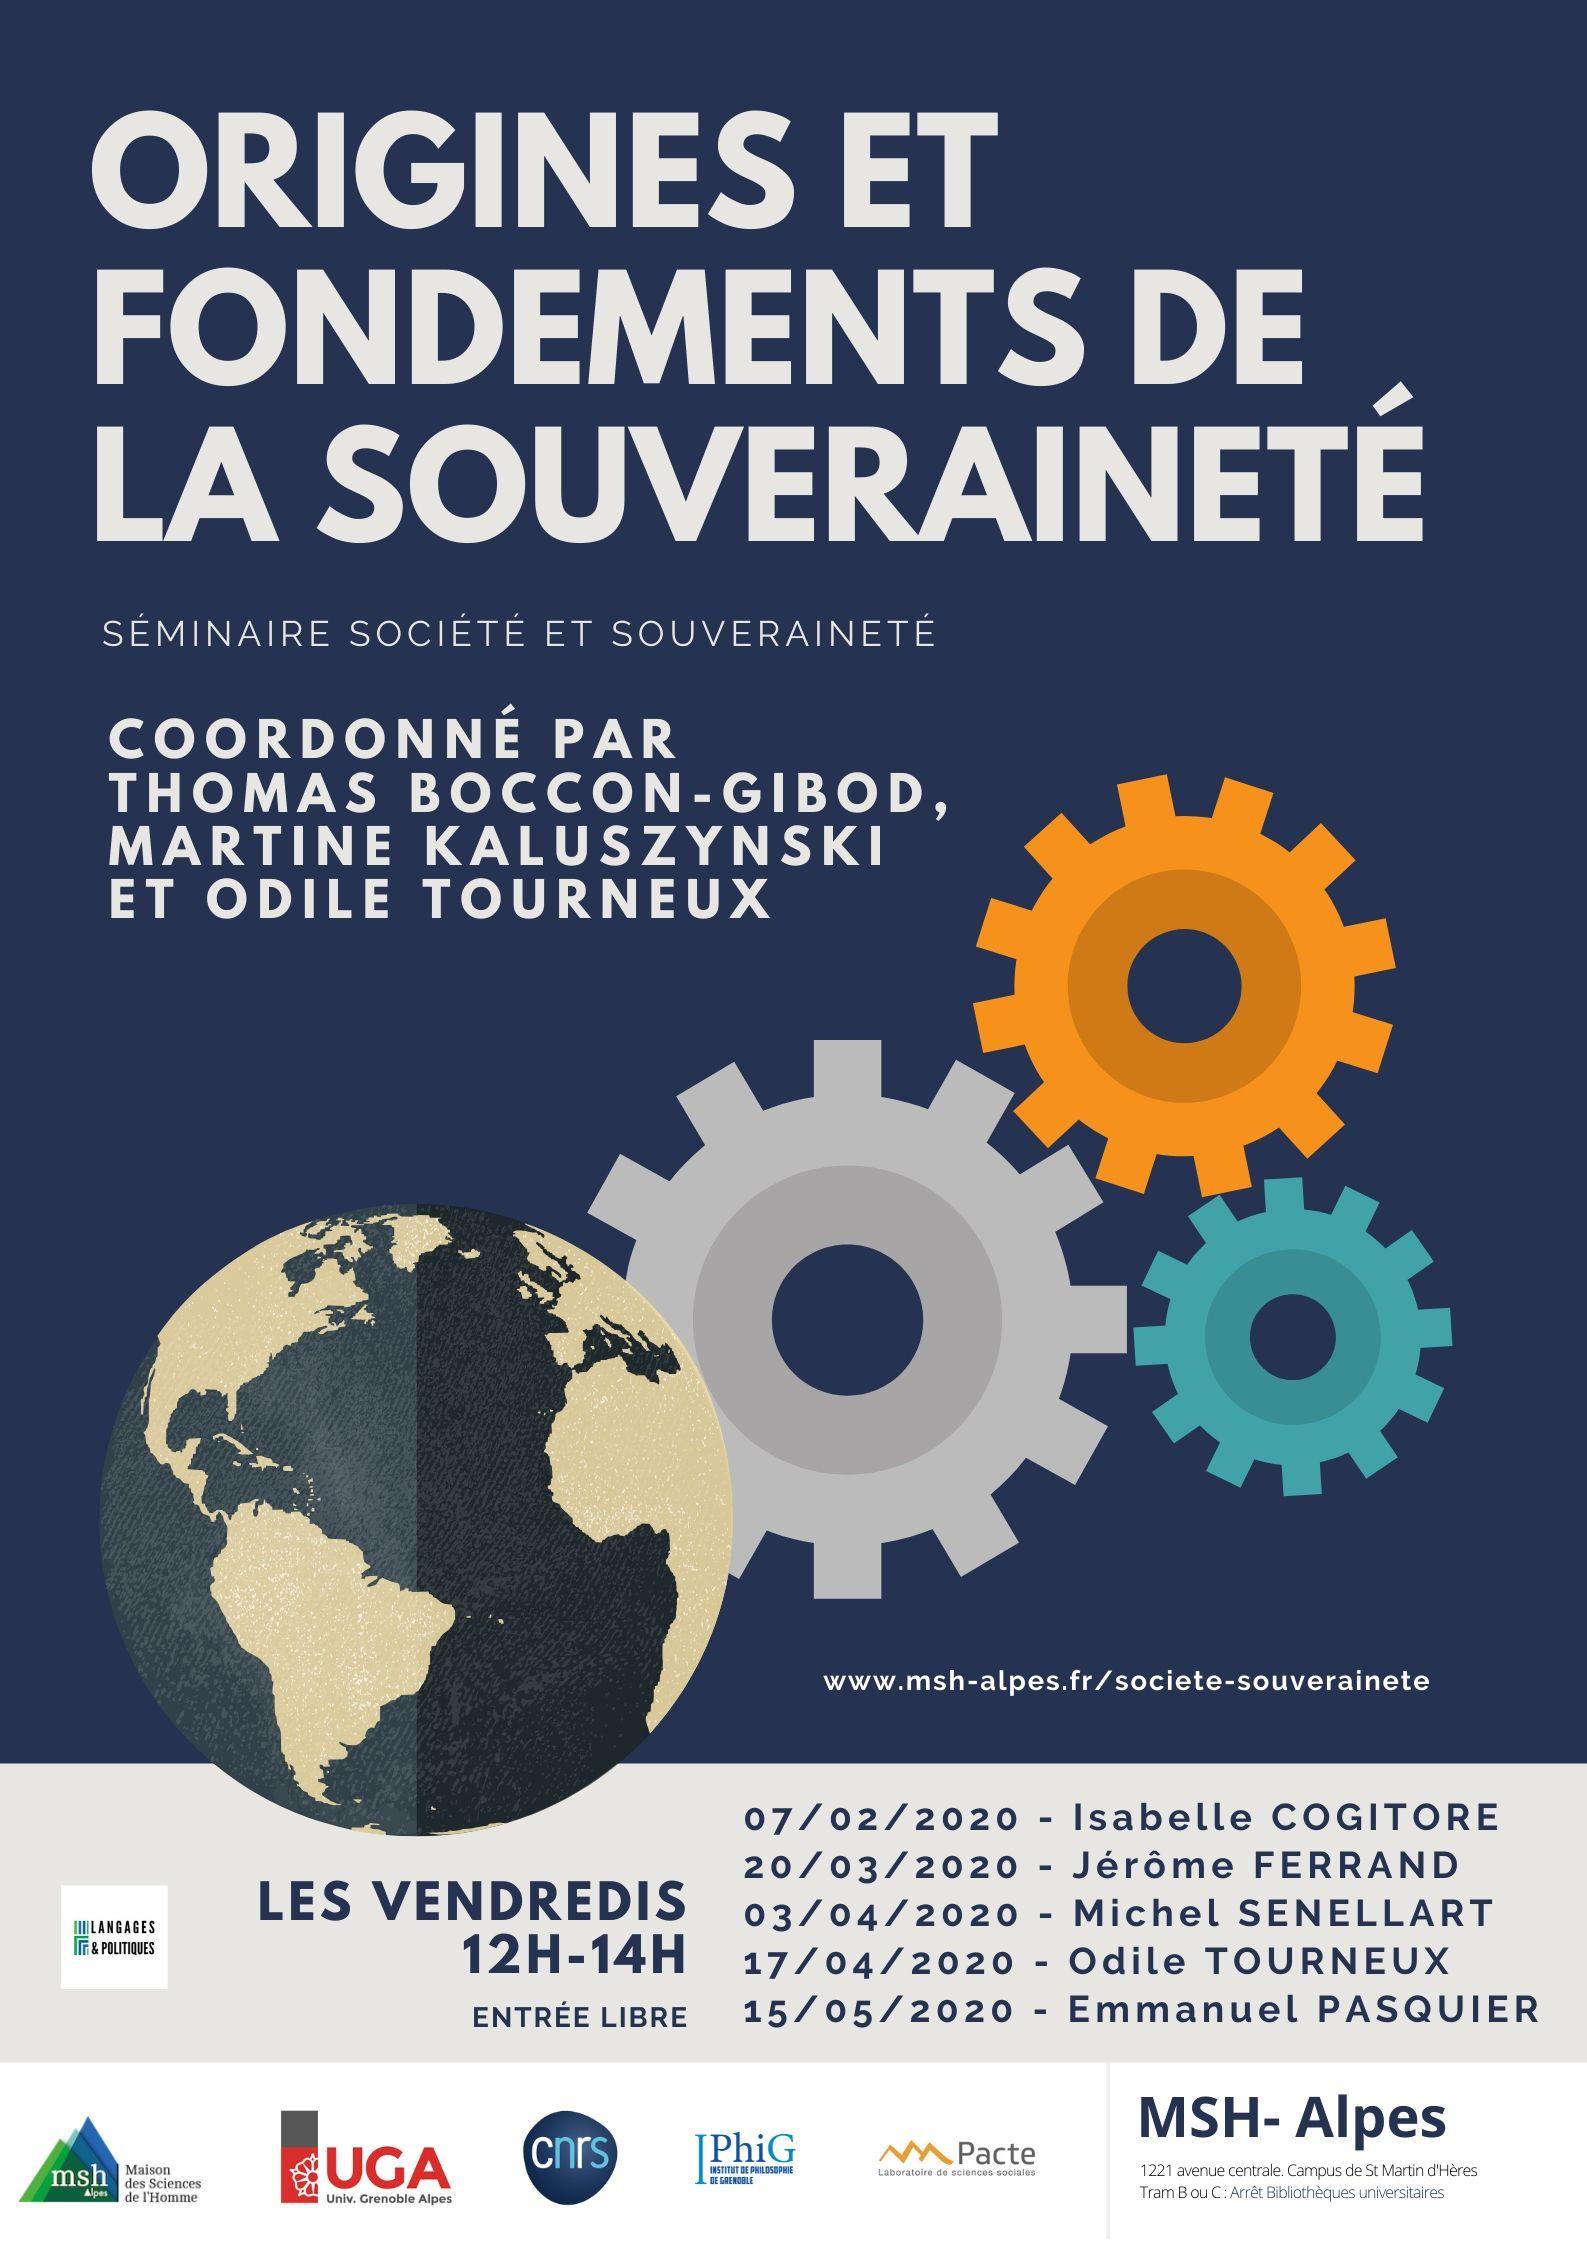 seminaire_souverainete_a3-2020.jpg